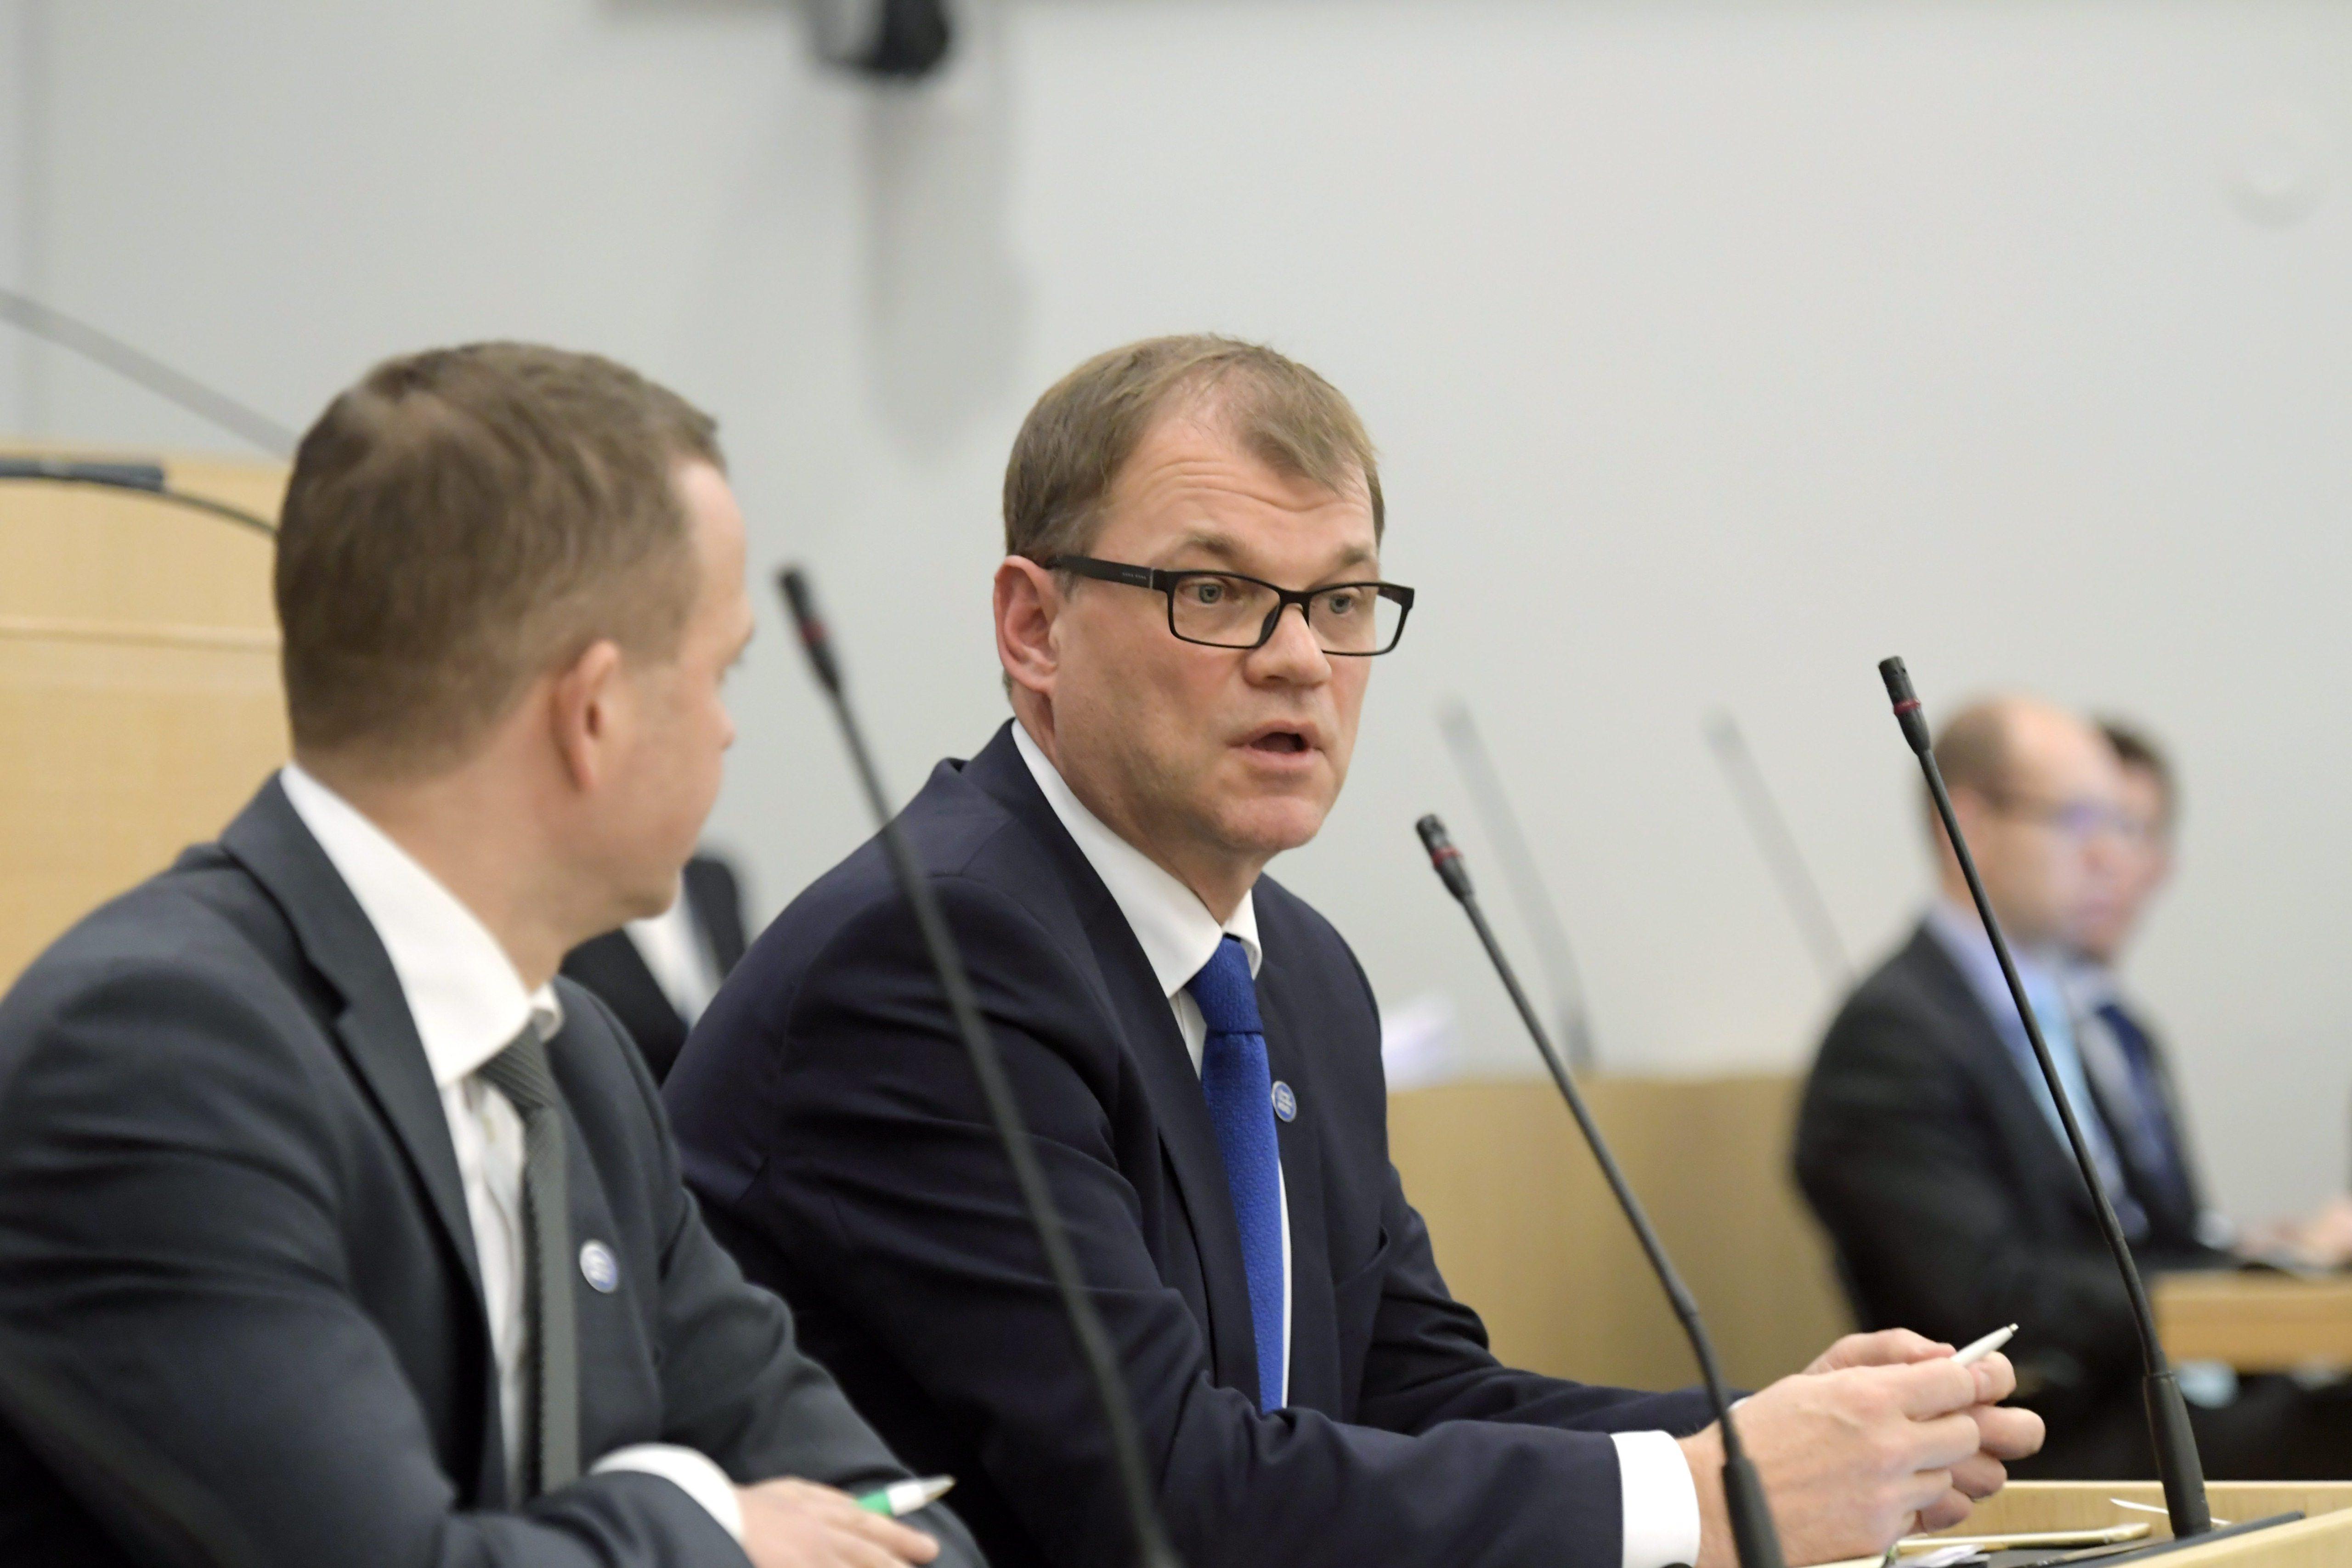 LKS 20161201 Kokoomuksen valtiovarainministeri Petteri Orpo (vas.) ja pääministeri Juha Sipilä (kesk) eduskunnassa Helsingissä 1. joulukuuta 2016. LEHTIKUVA / MARKKU ULANDER